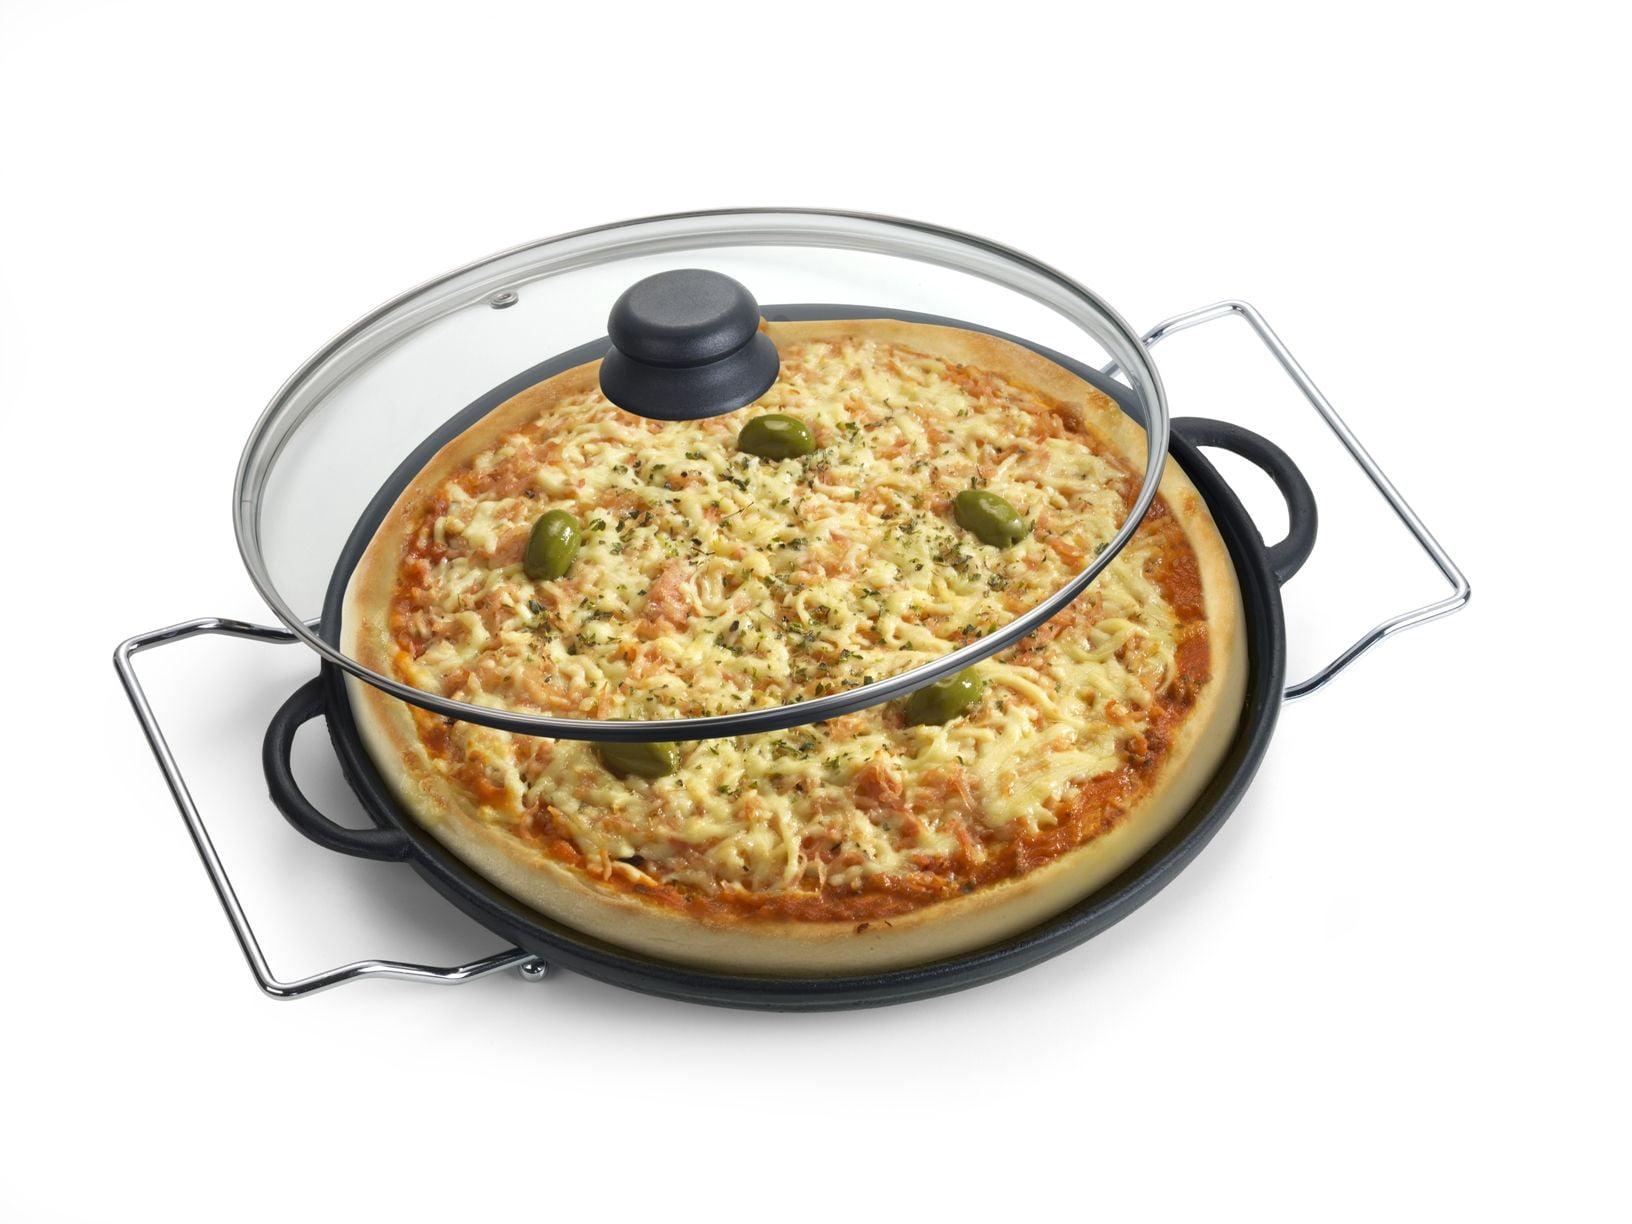 forma de pizza ferro, pedra assar pizza, pizza na pedra, assadeira de pizza de ferro 30 cm